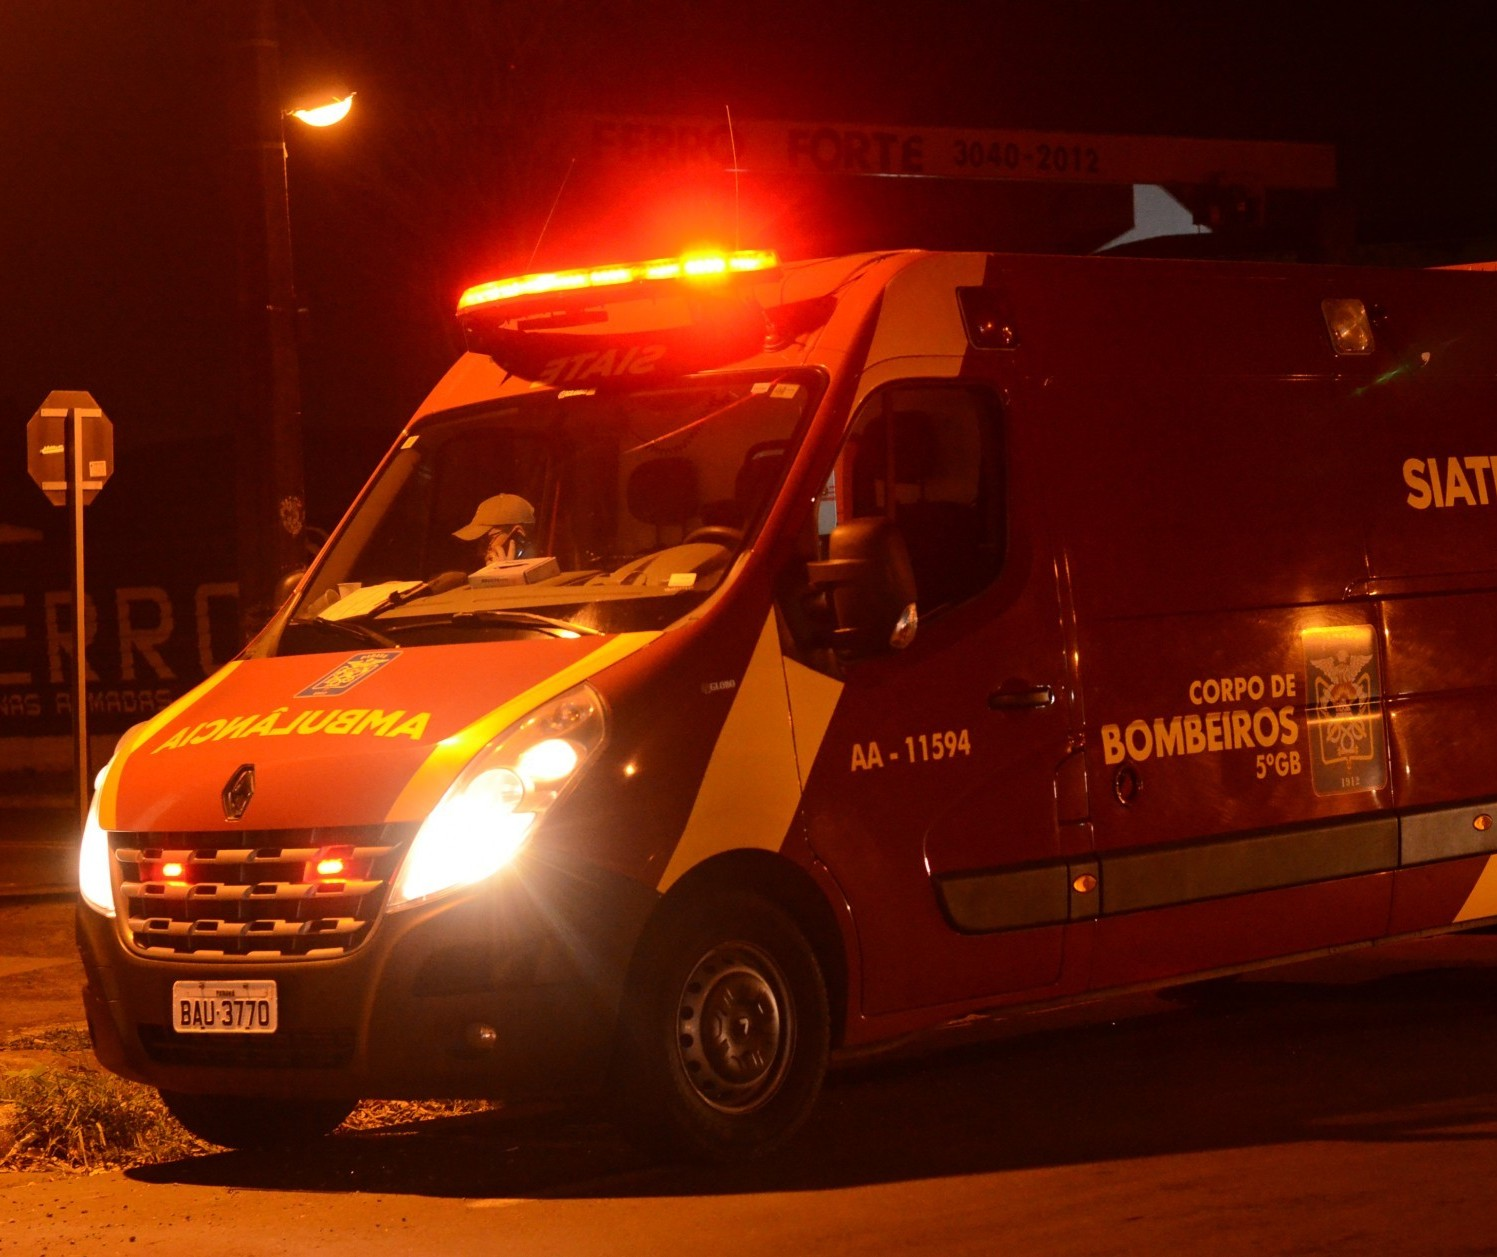 Motorista morre atropelado enquanto empurrava carro na BR-376